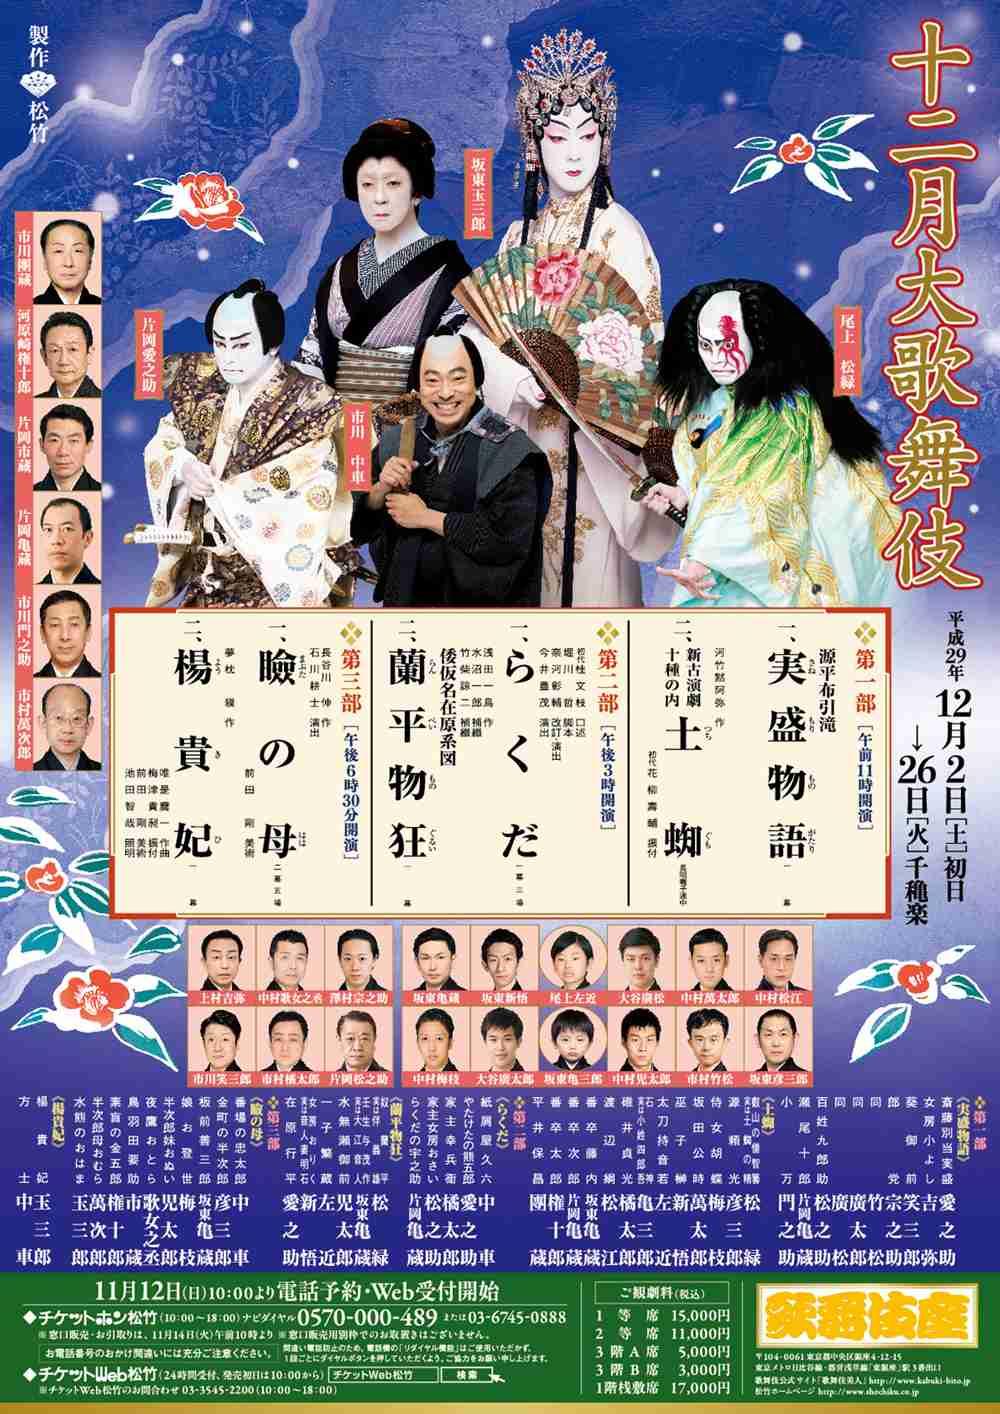 十二月大歌舞伎 | 歌舞伎座 | 歌舞伎美人(かぶきびと)